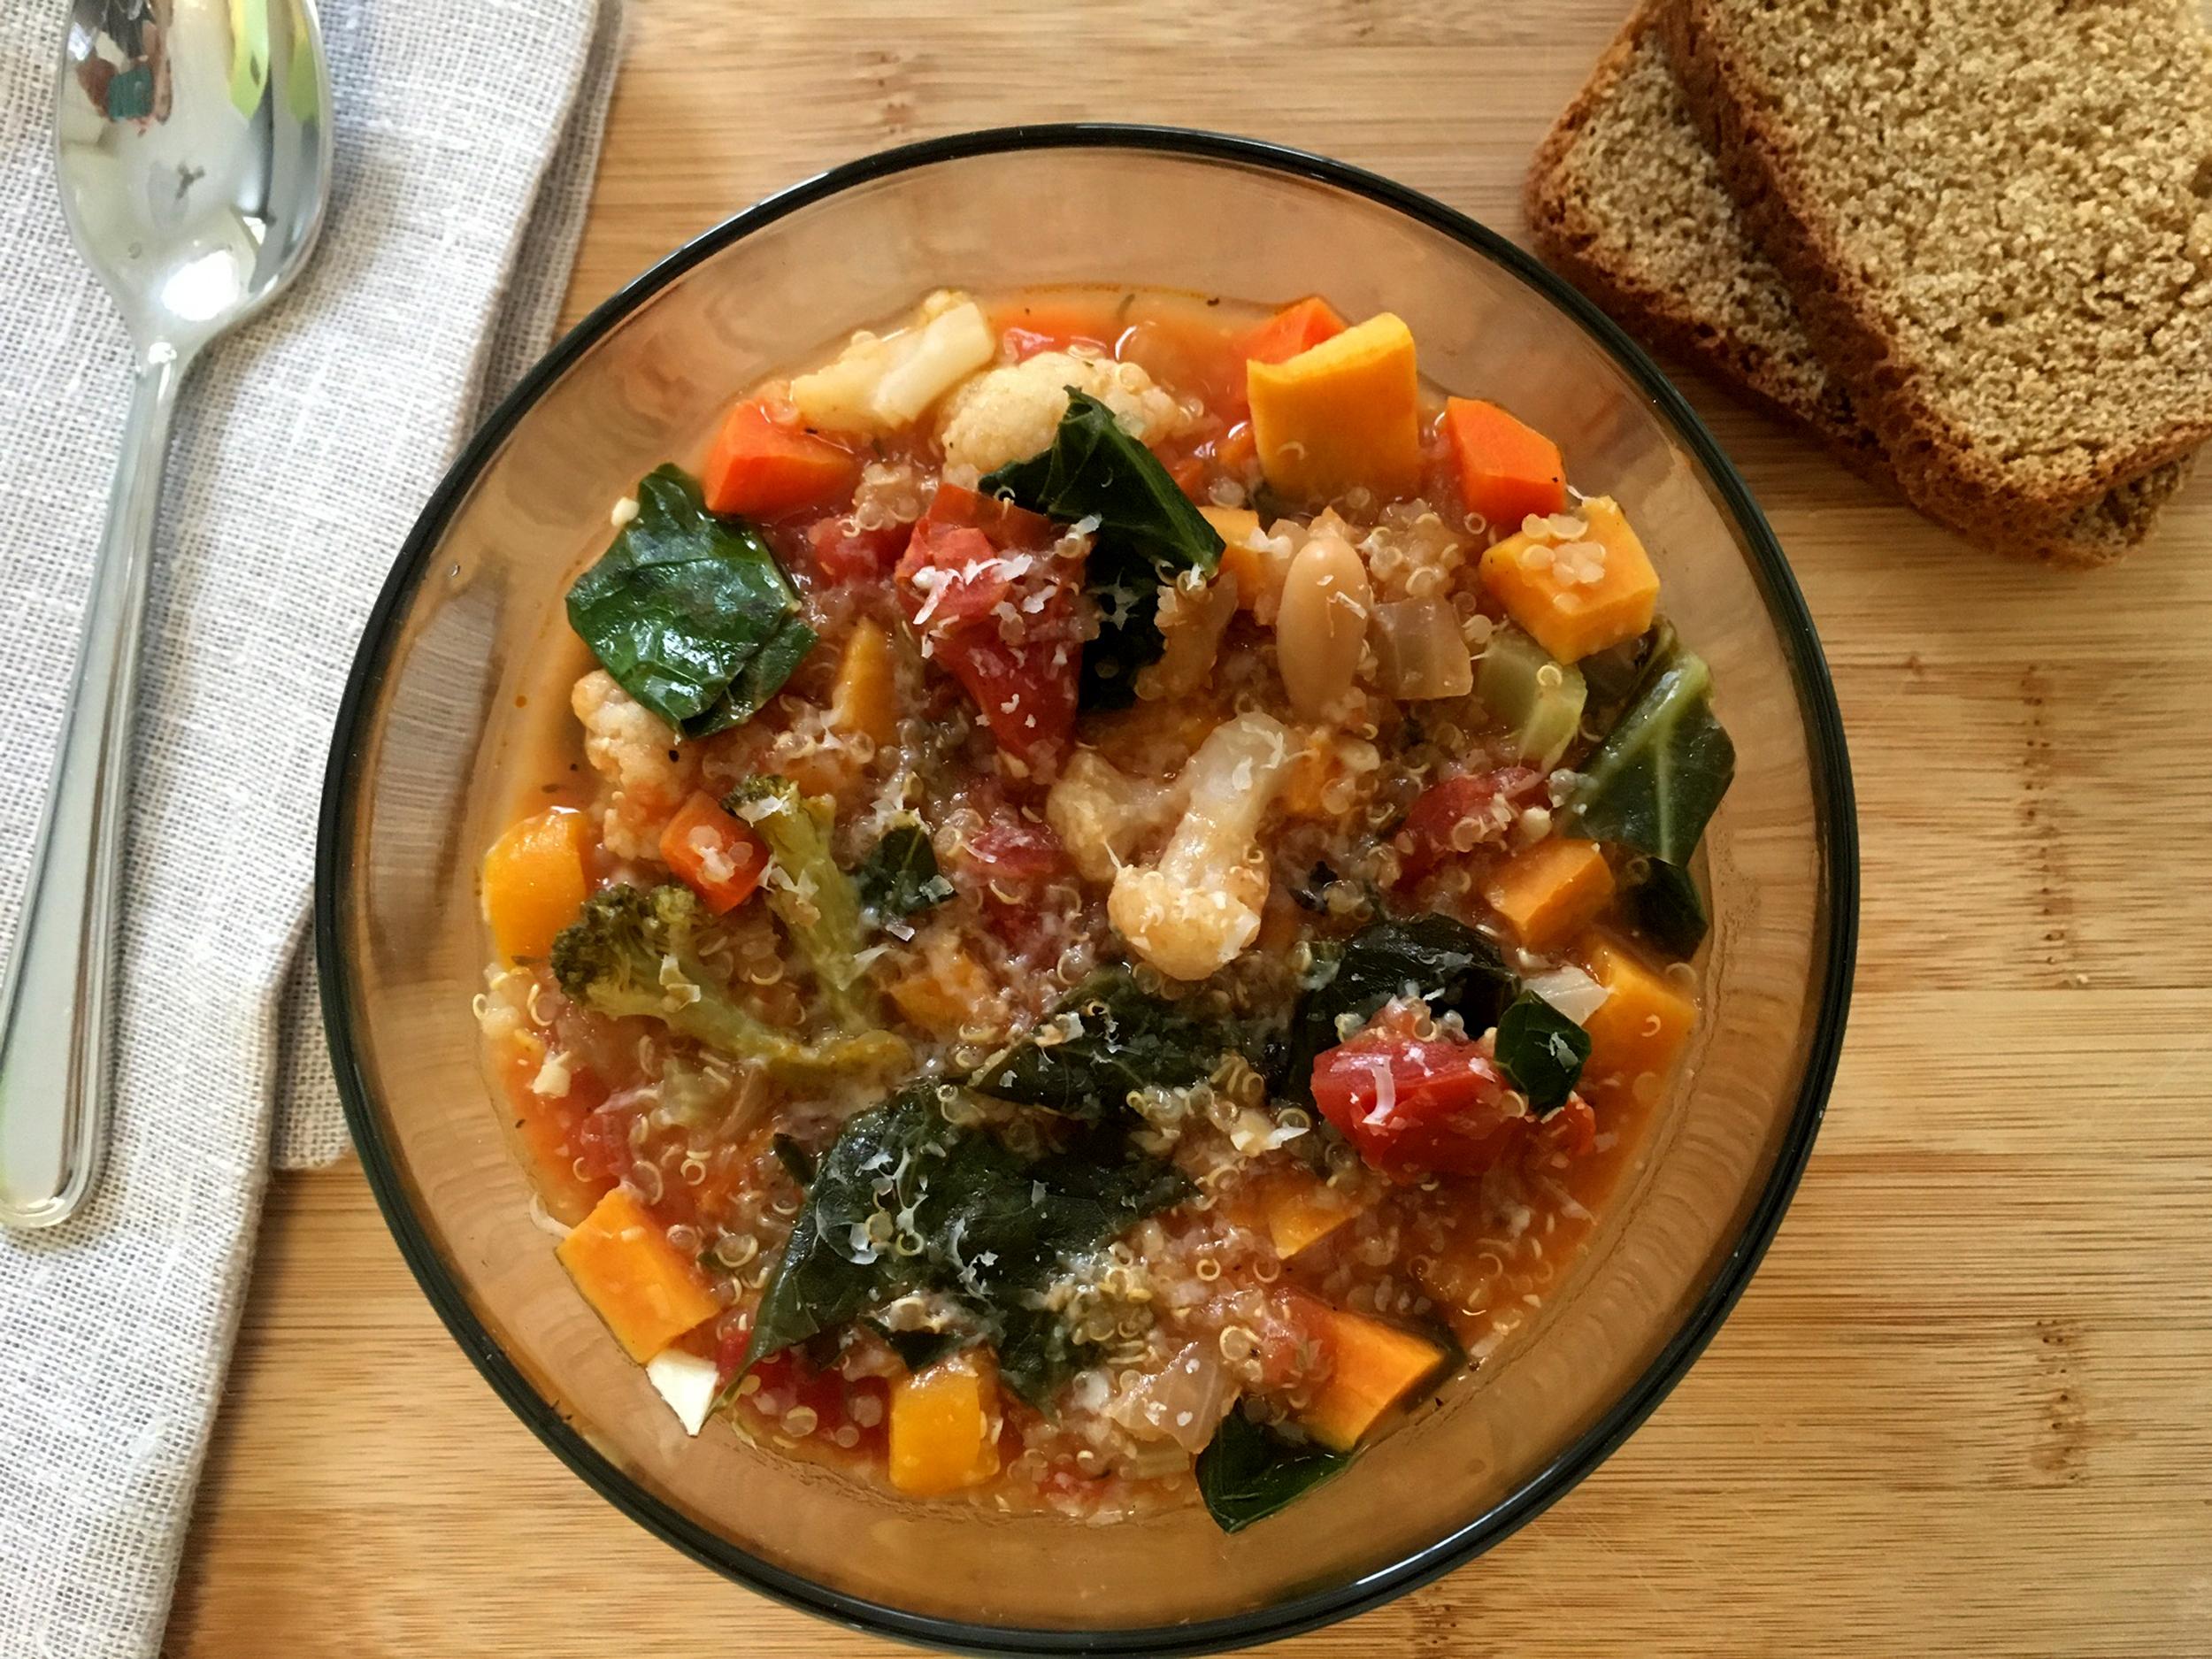 Image: Vegetable-Quinoa Soup